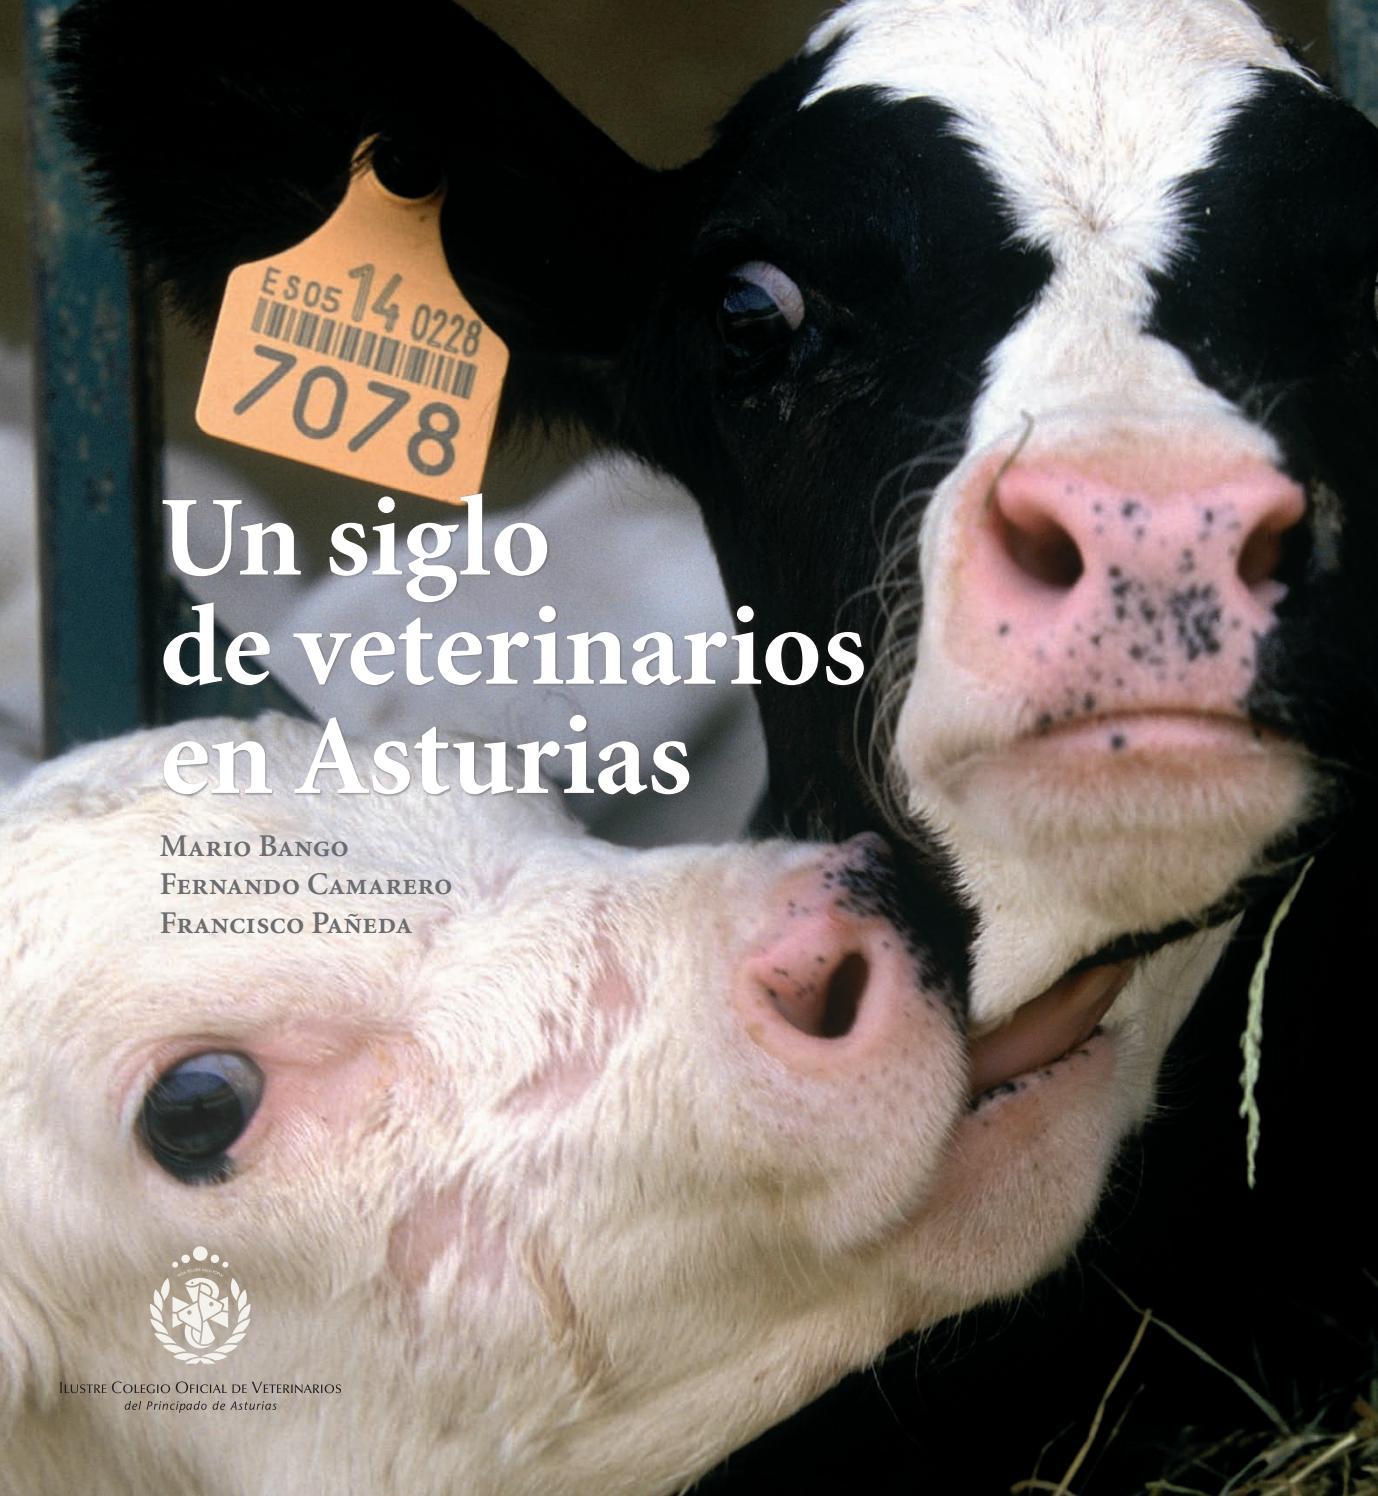 Un siglo de veterinarios de asturias by Colegio de Veterinarios del ...